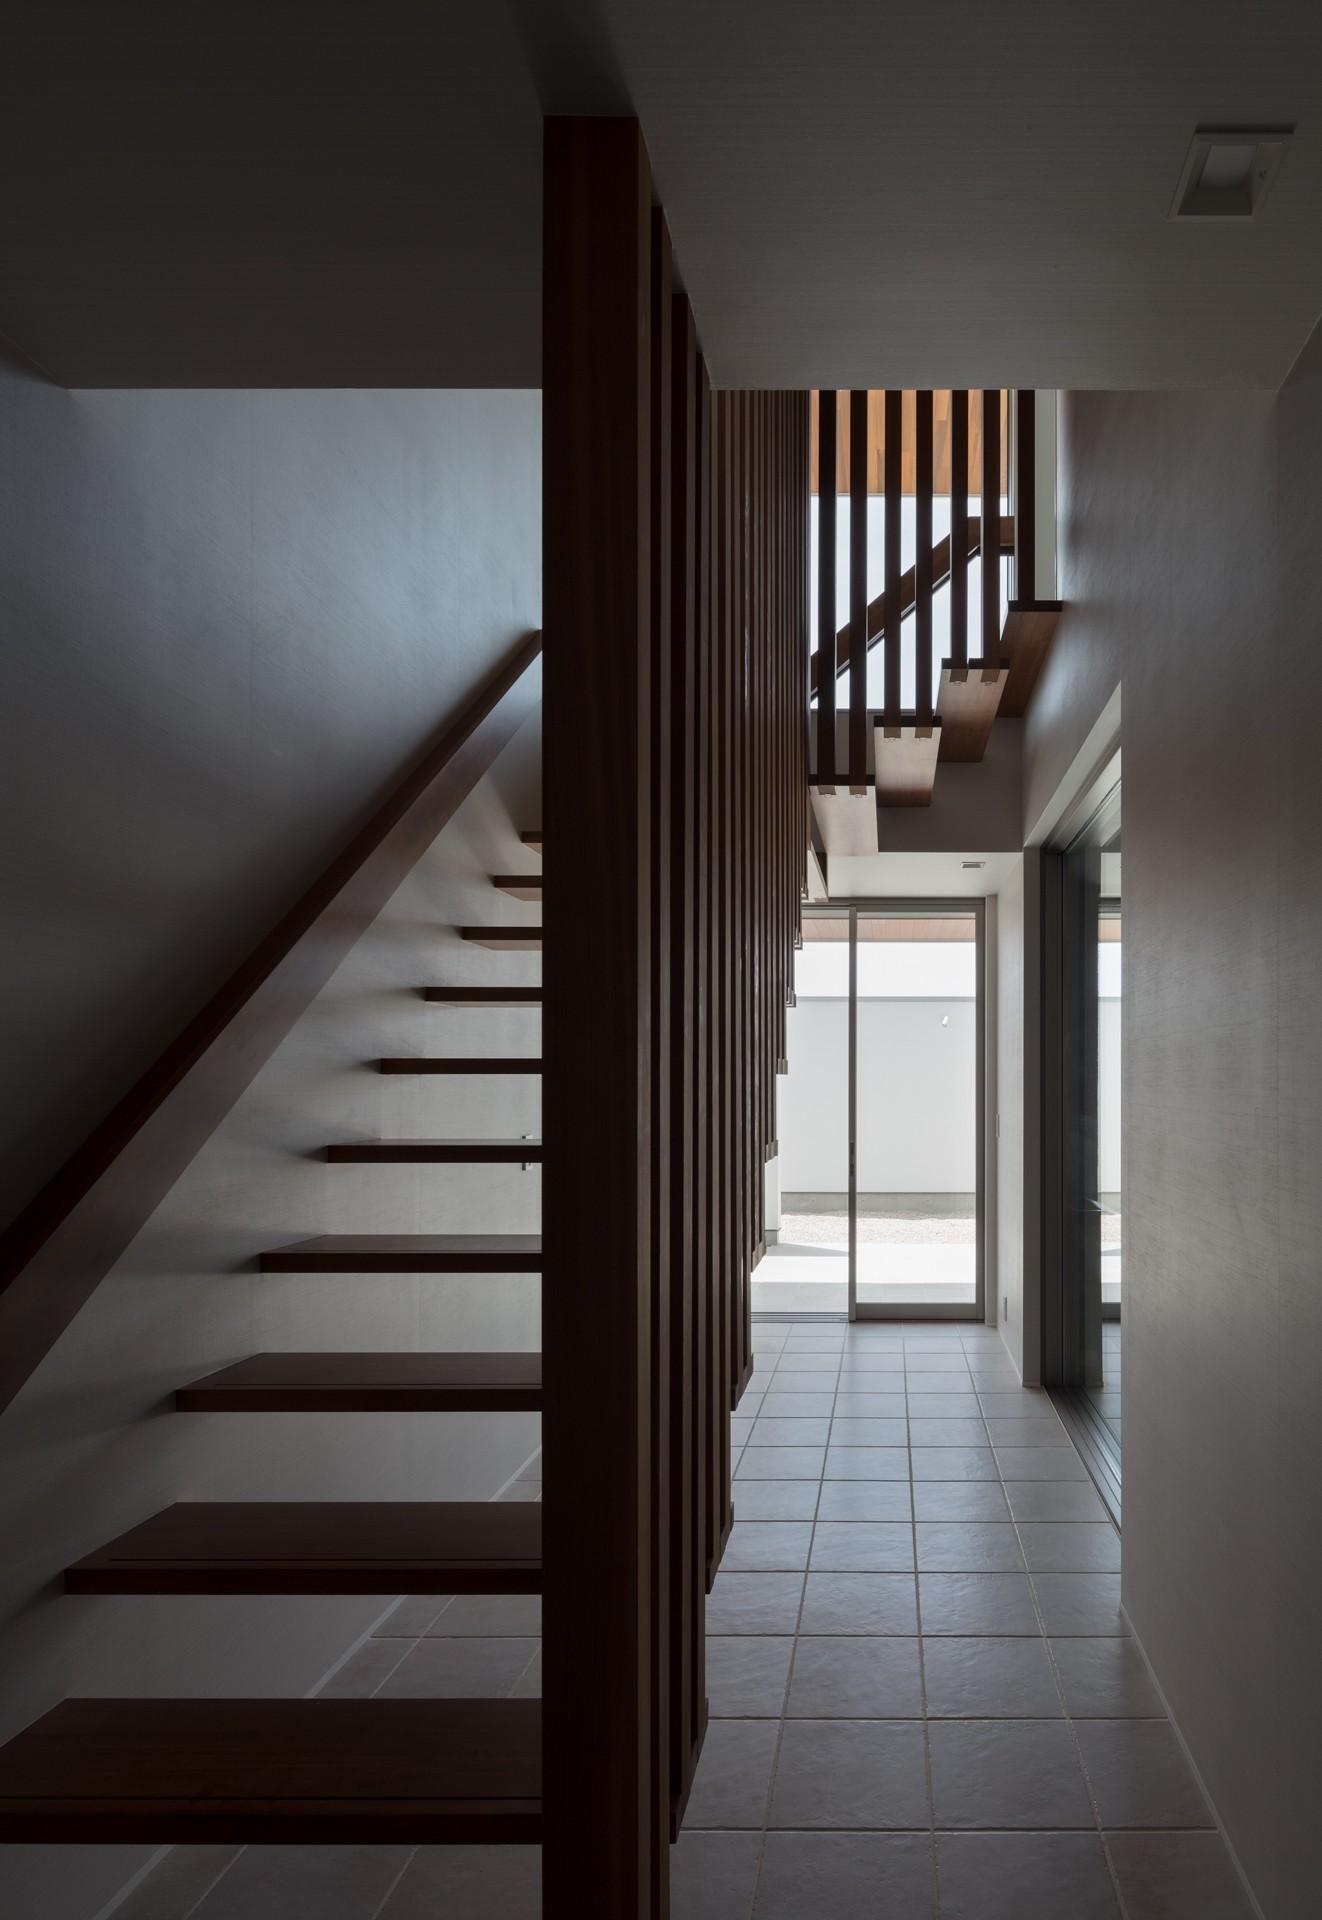 その他事例:階段(N12-house「回遊テラスのあるガレージハウス」)